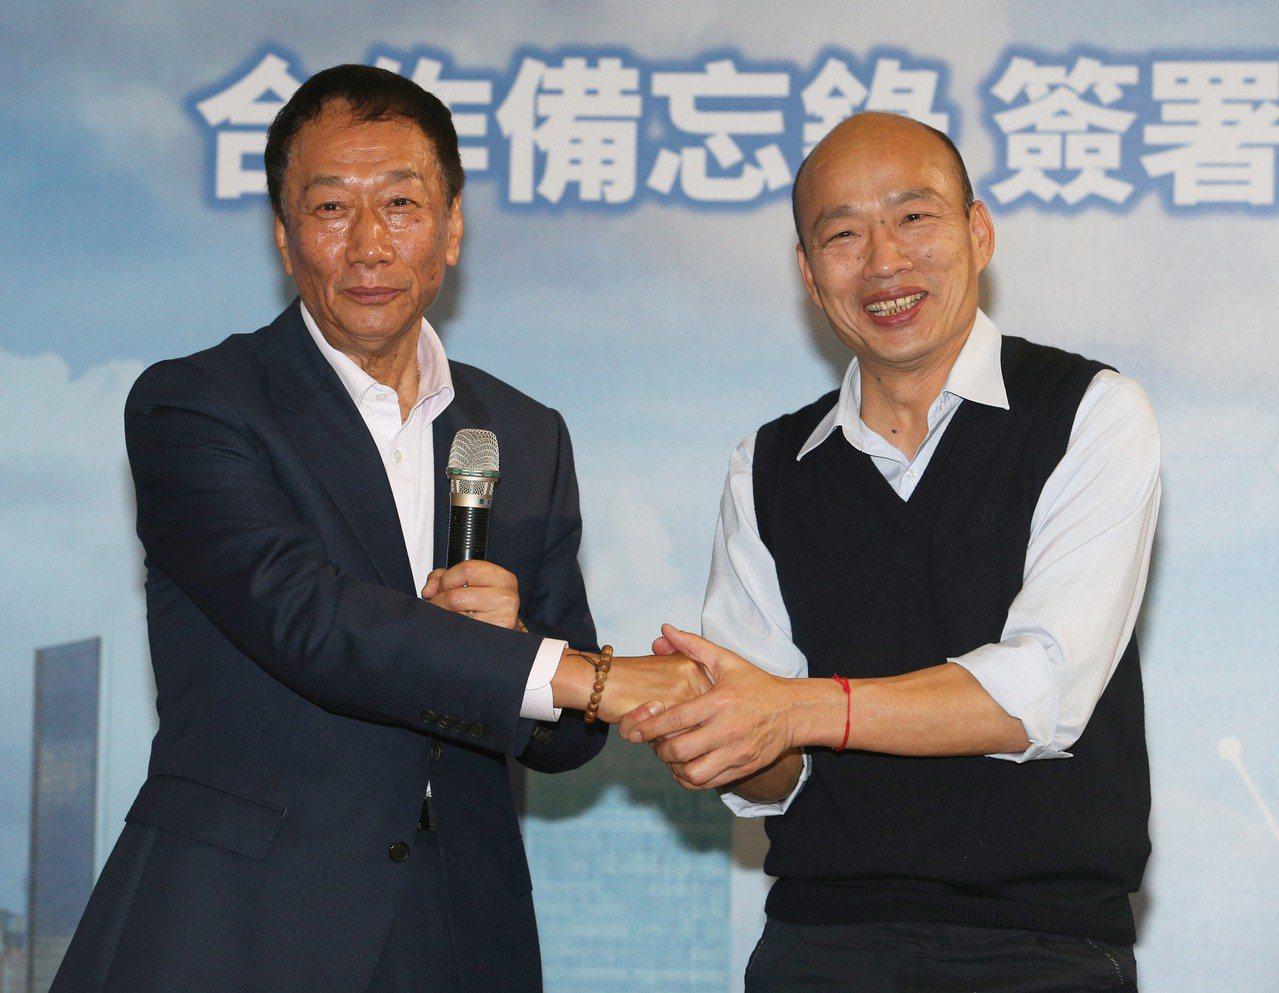 鴻海董事長郭台銘(左)與高雄市長韓國瑜(右)。 圖/聯合報系資料照片